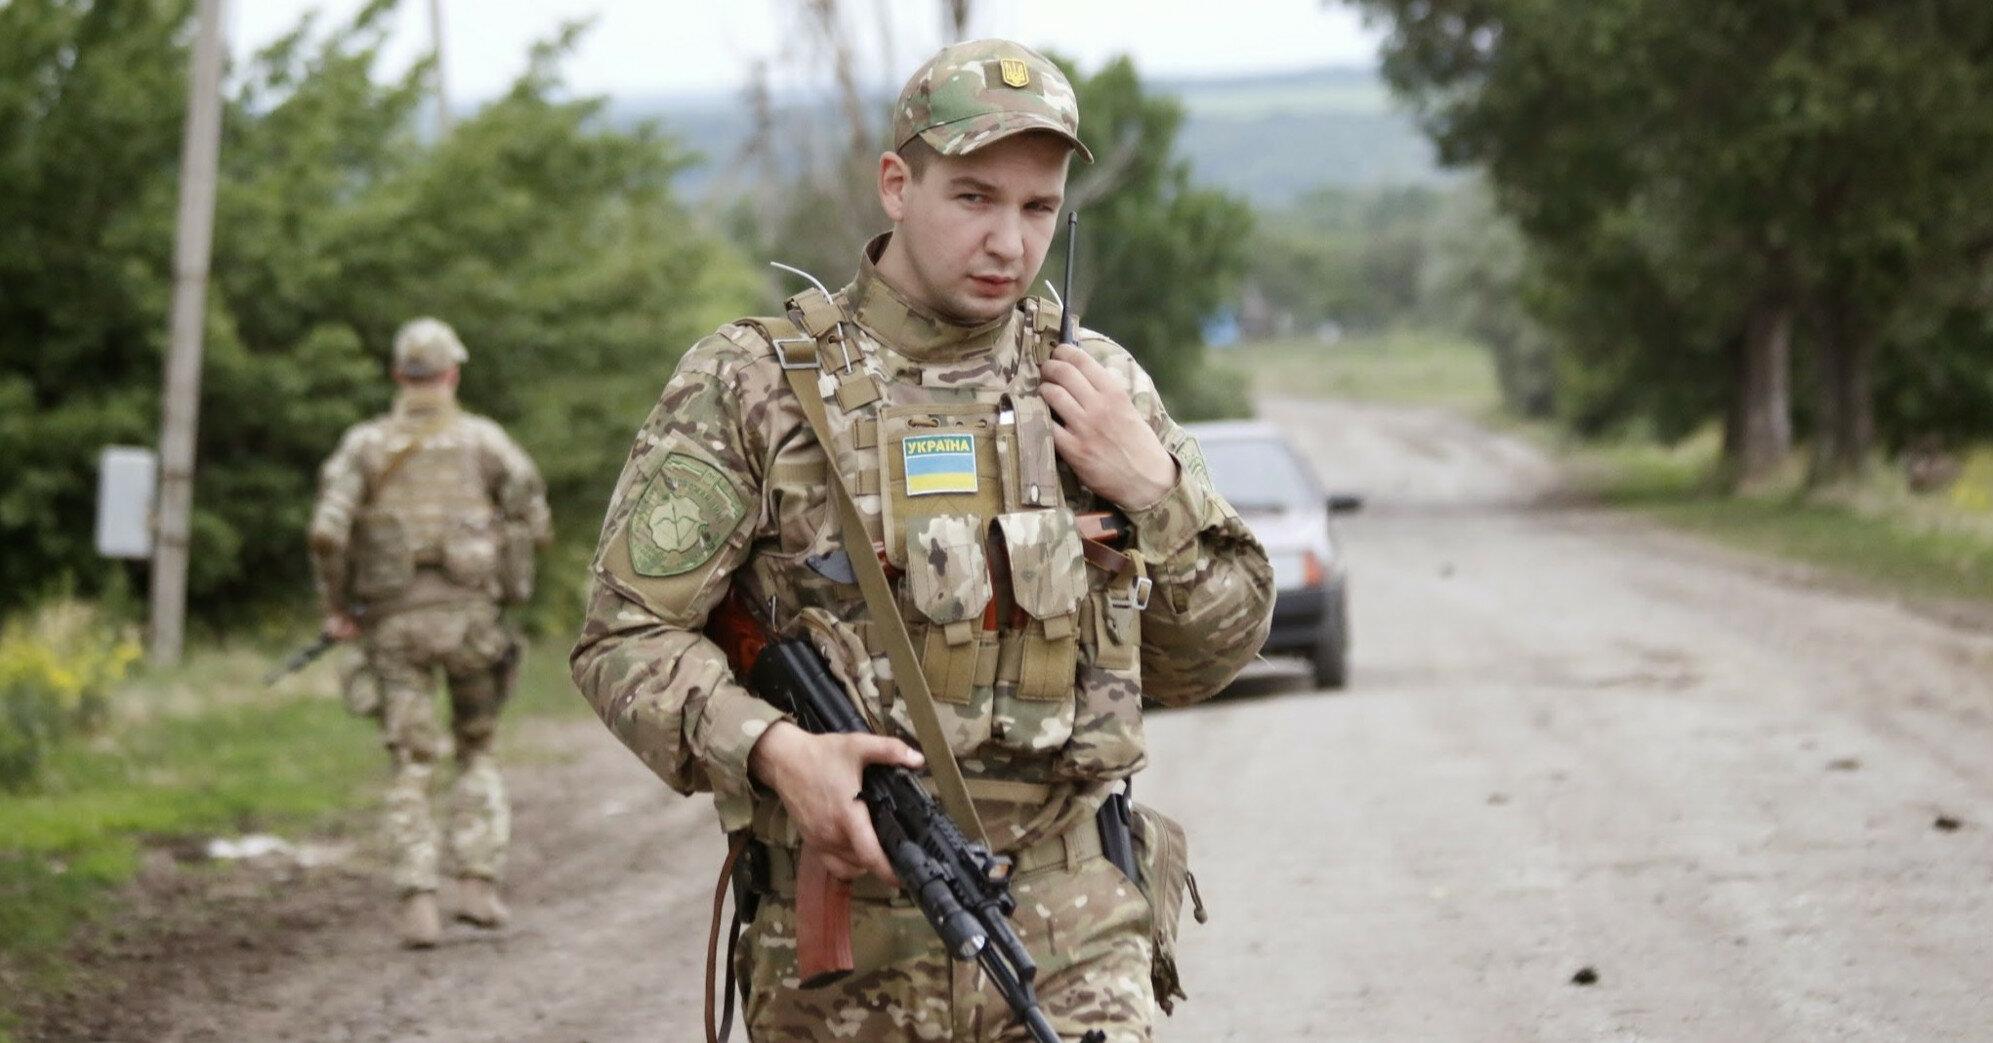 Таран хочет отобрать управление армией у Хомчака, - Бутусов